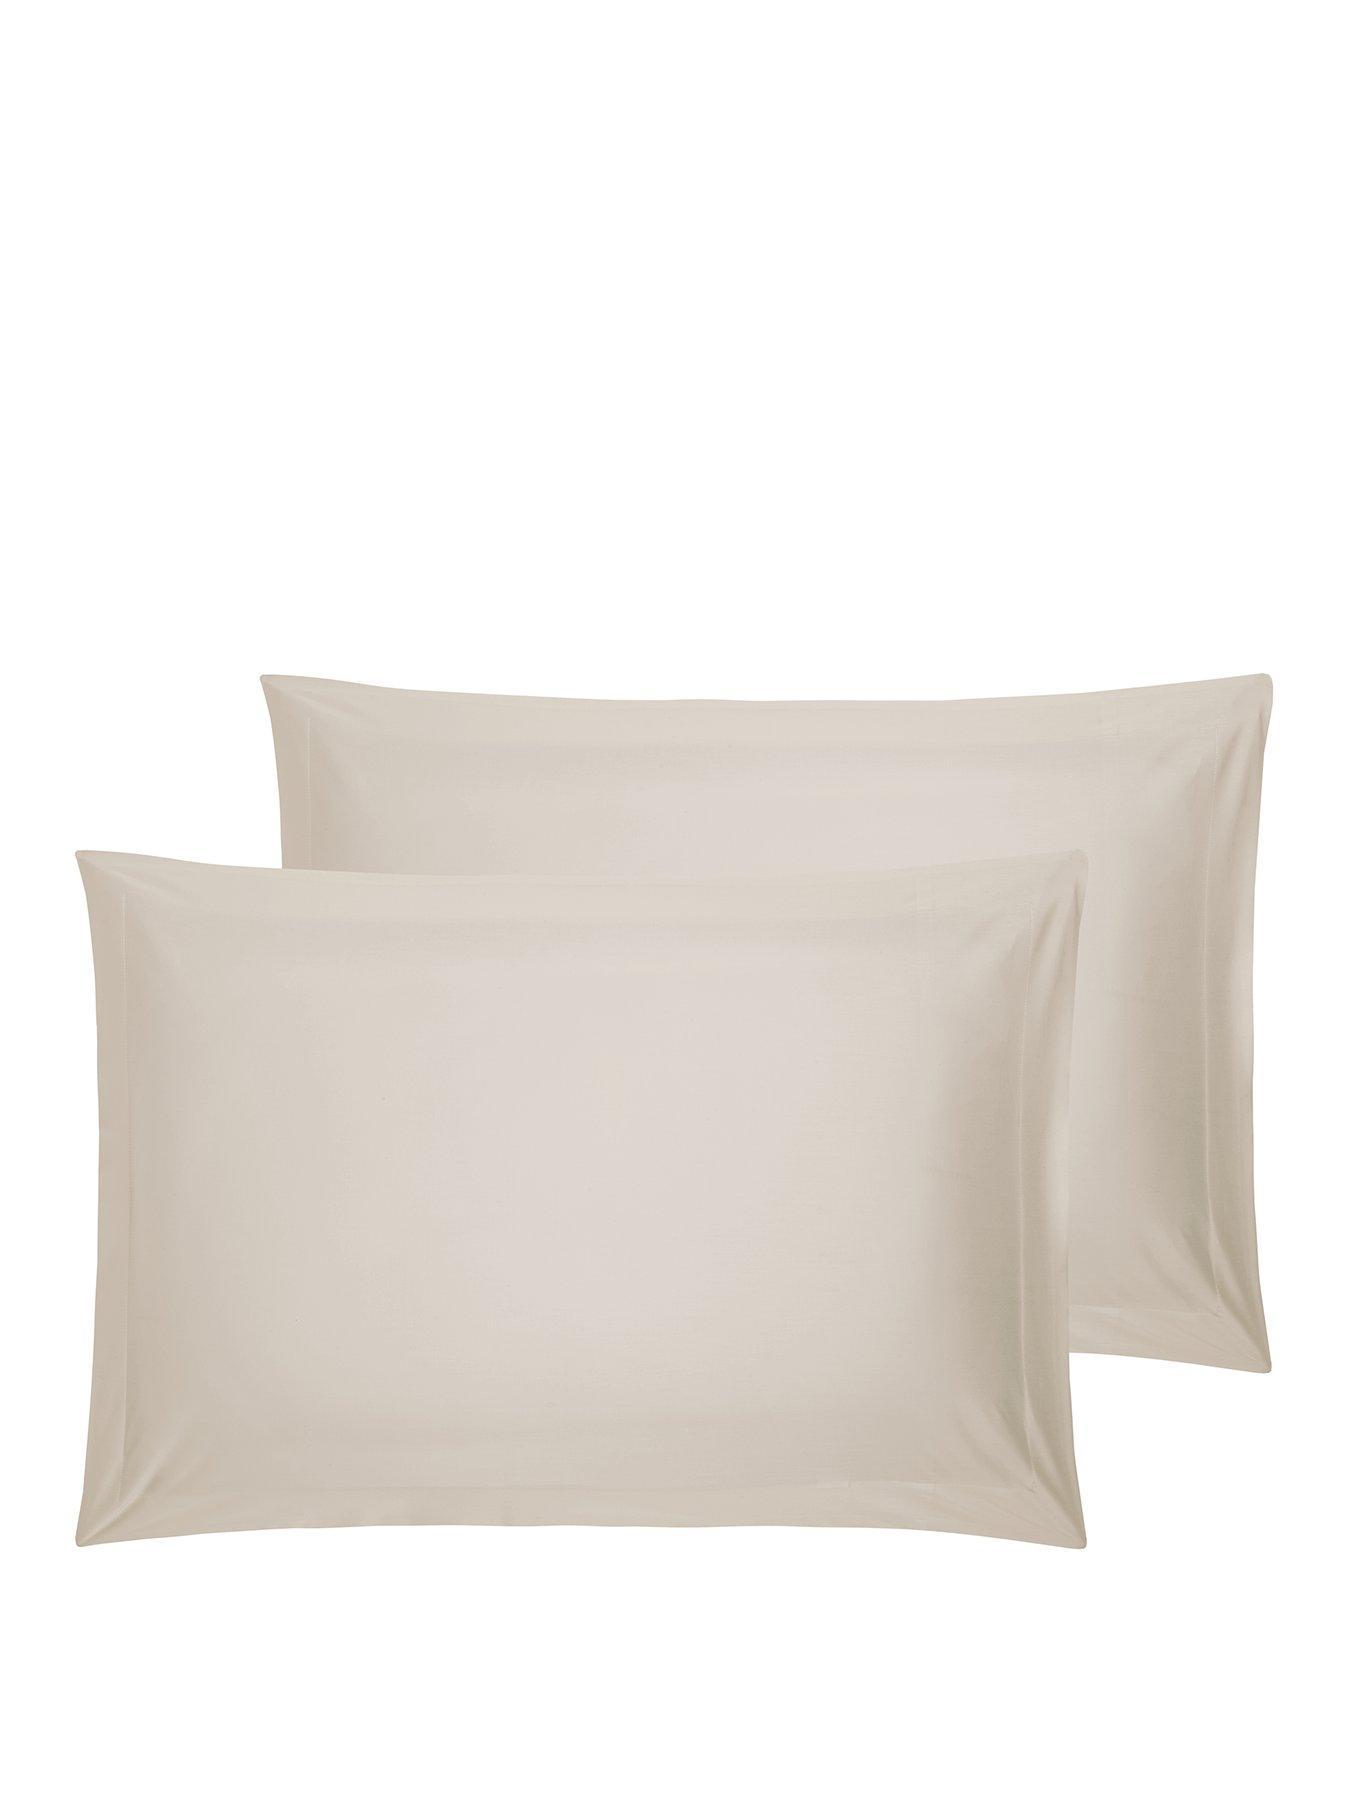 Pillowcases   Shop Pillowcases at